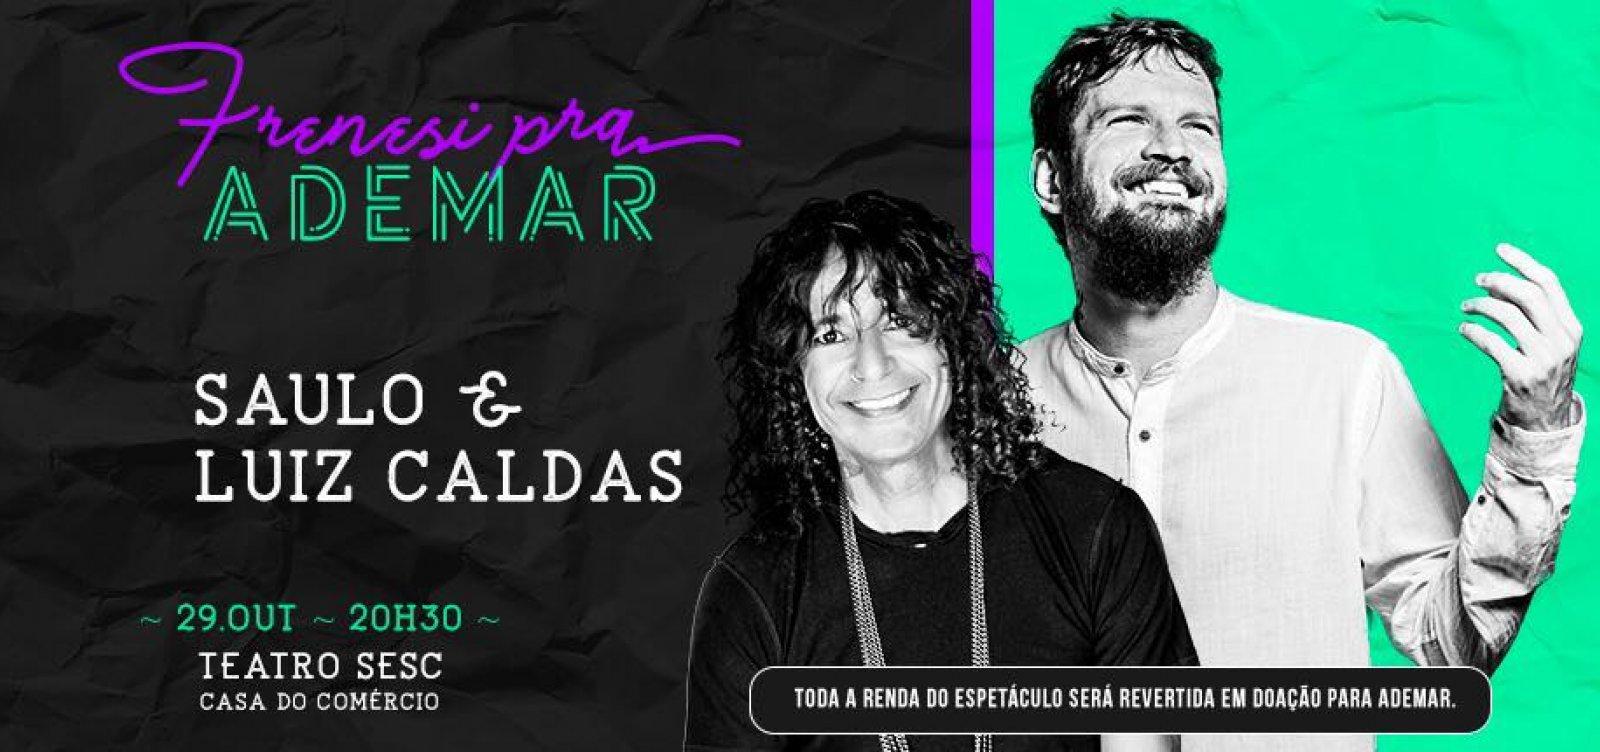 Saulo & Luiz Caldas fazem show em prol de Ademar Furtacor